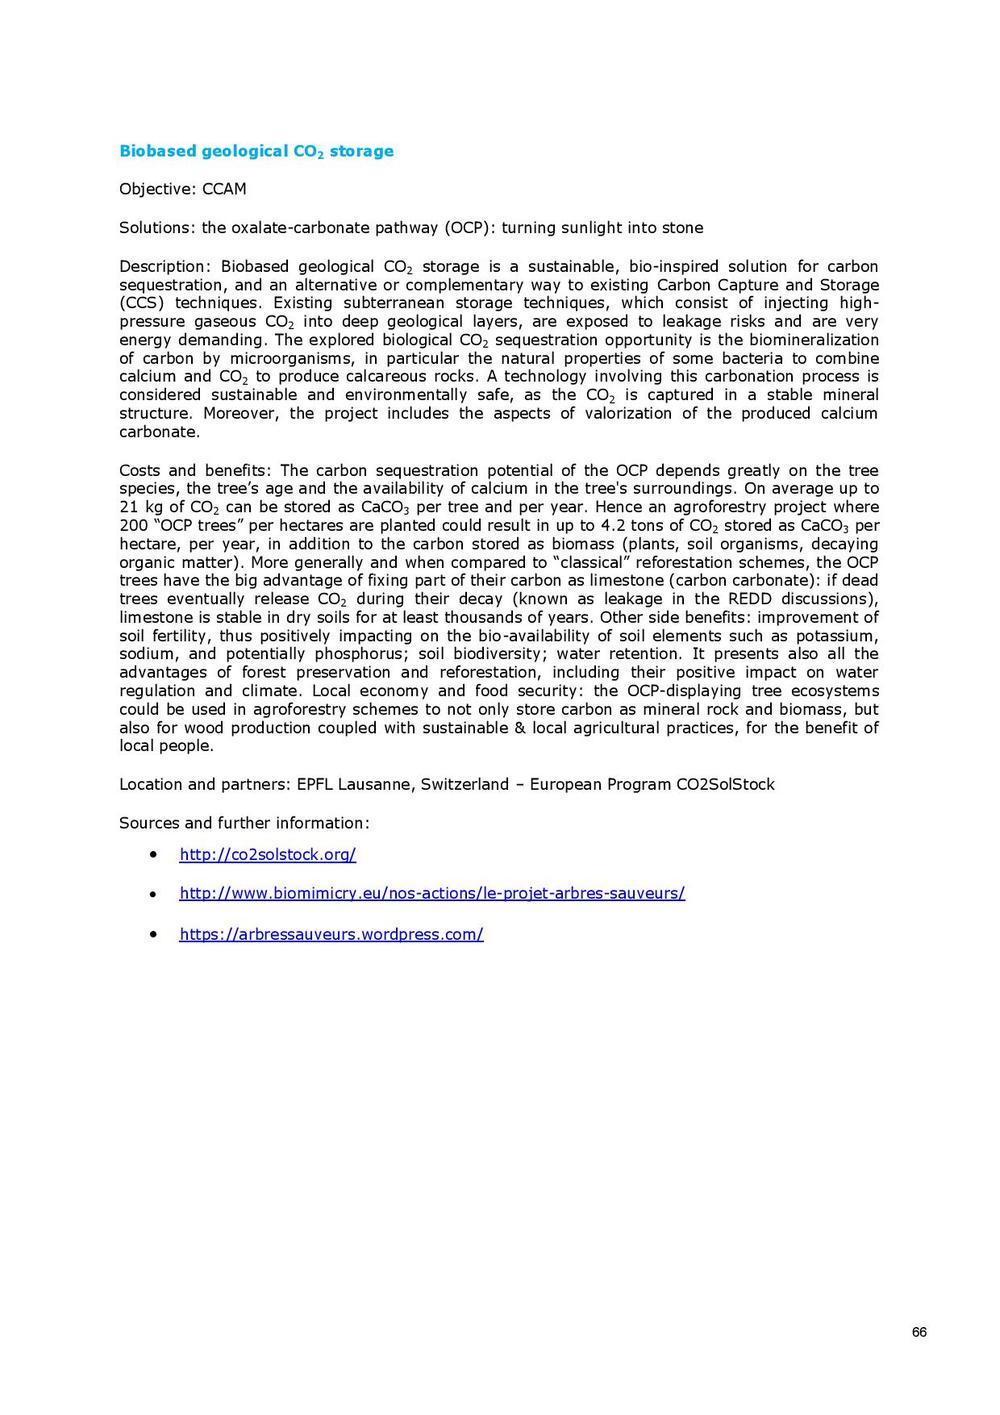 DG RTD_WEB-Publication A4_NBS_long_version_20150310-page-068.jpg